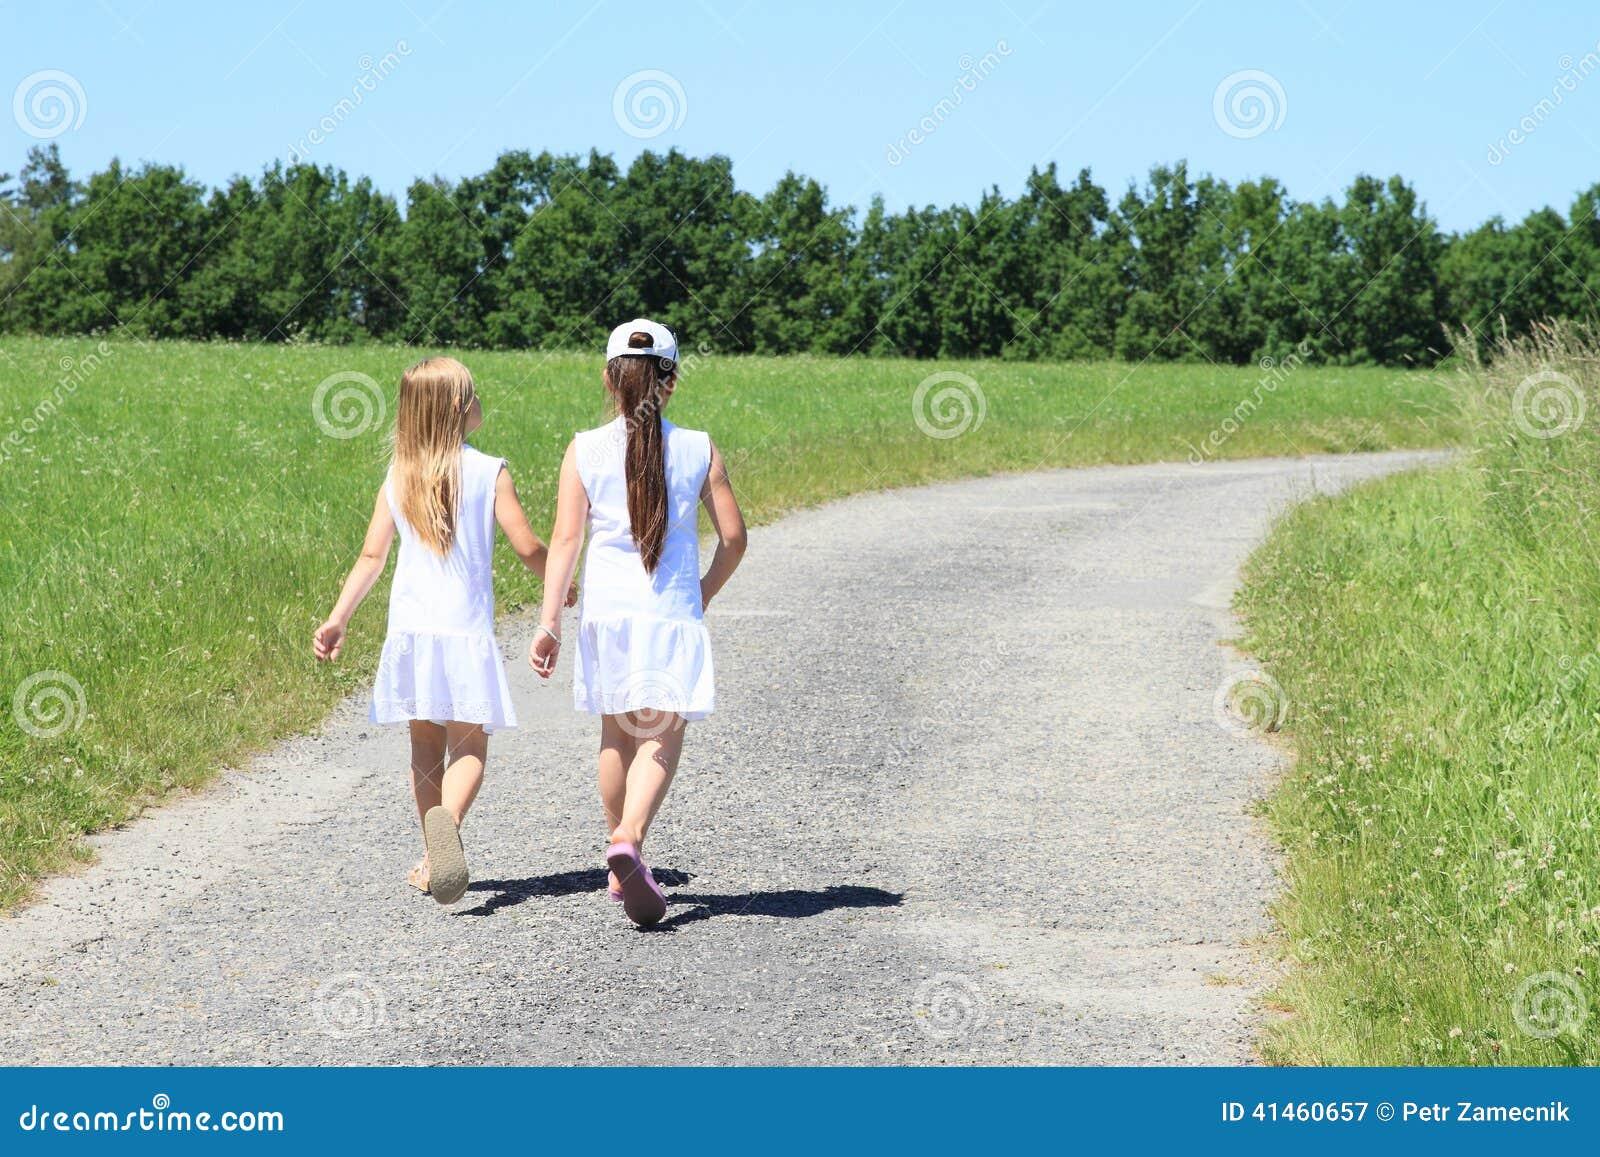 Girls in white dresses on road